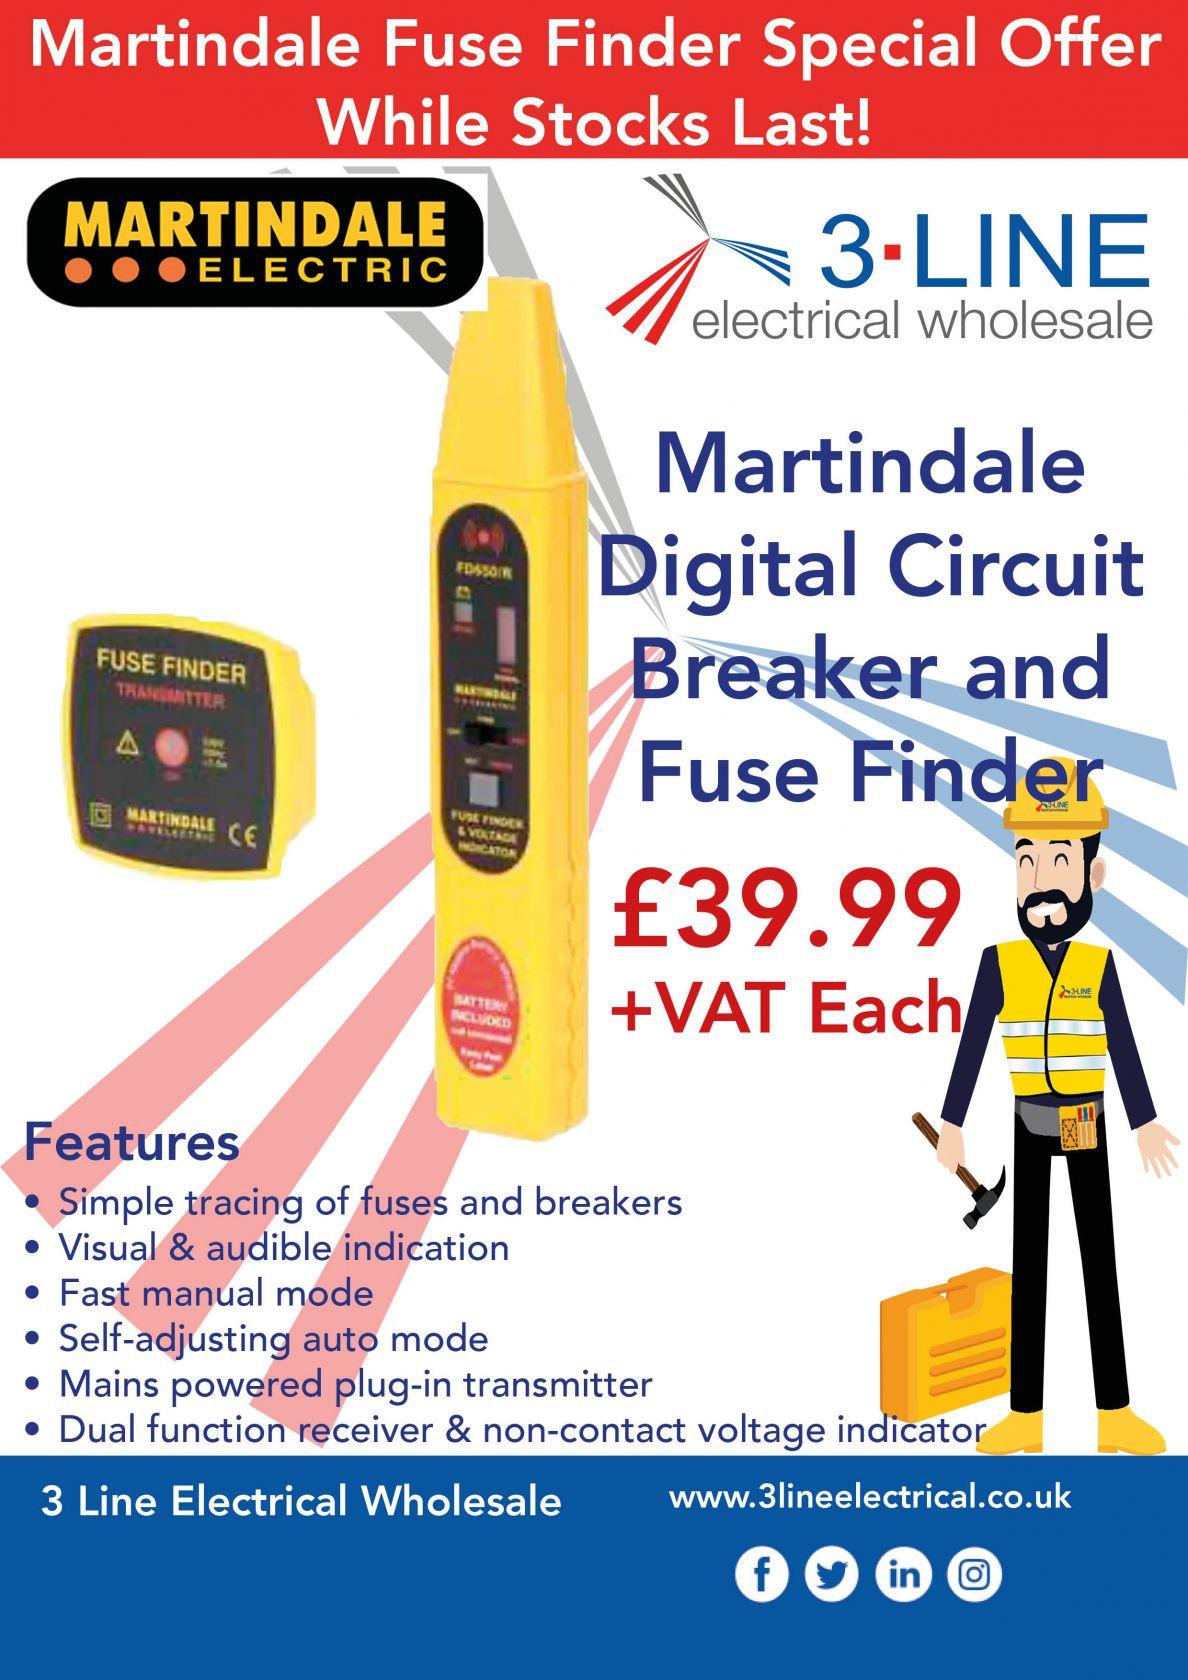 Martindale Fuse Finder